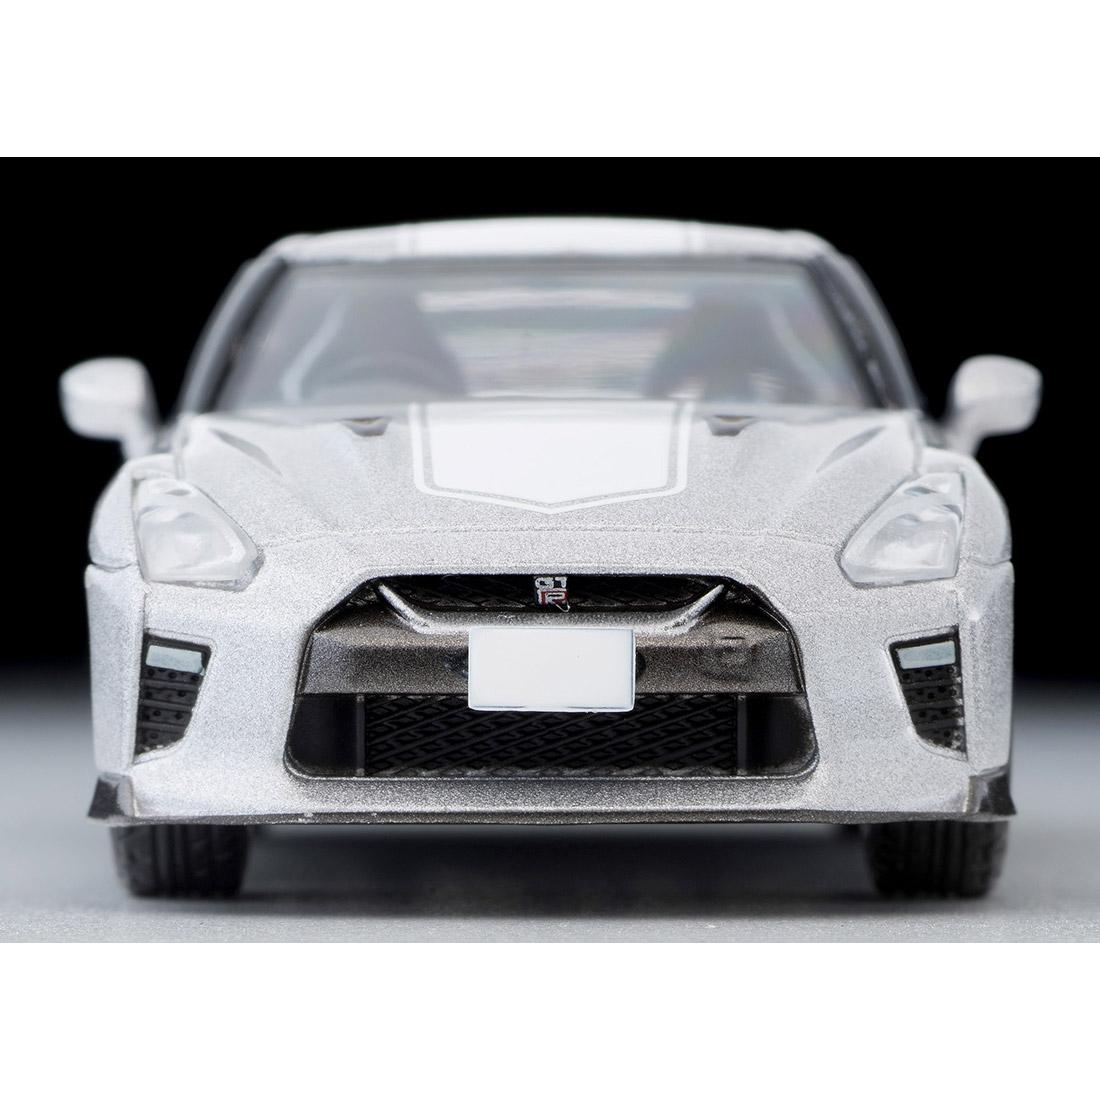 トミカリミテッドヴィンテージ ネオ LV-N200a『日産GT-R 50th ANNIVERSARY(青)』1/64 ミニカー-013